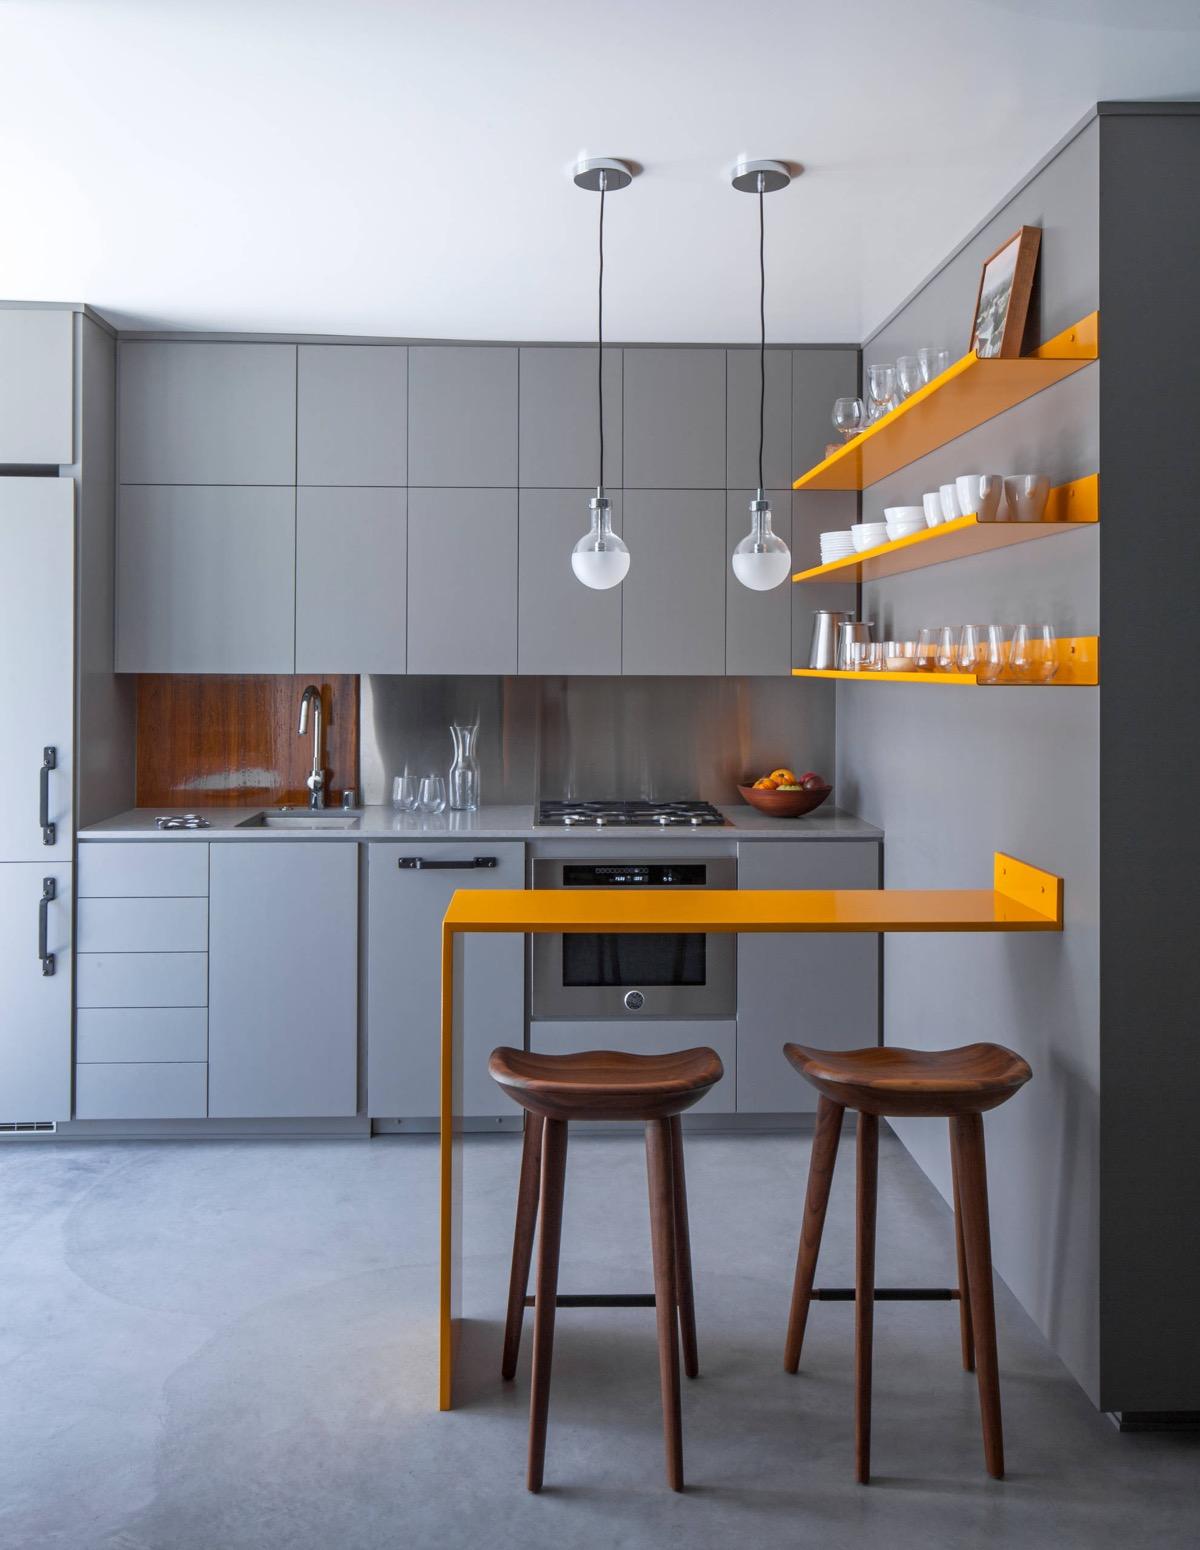 Mutfağınızı Düzenlemeye Yardımcı Olacak 13 Muhteşem Fikir 17